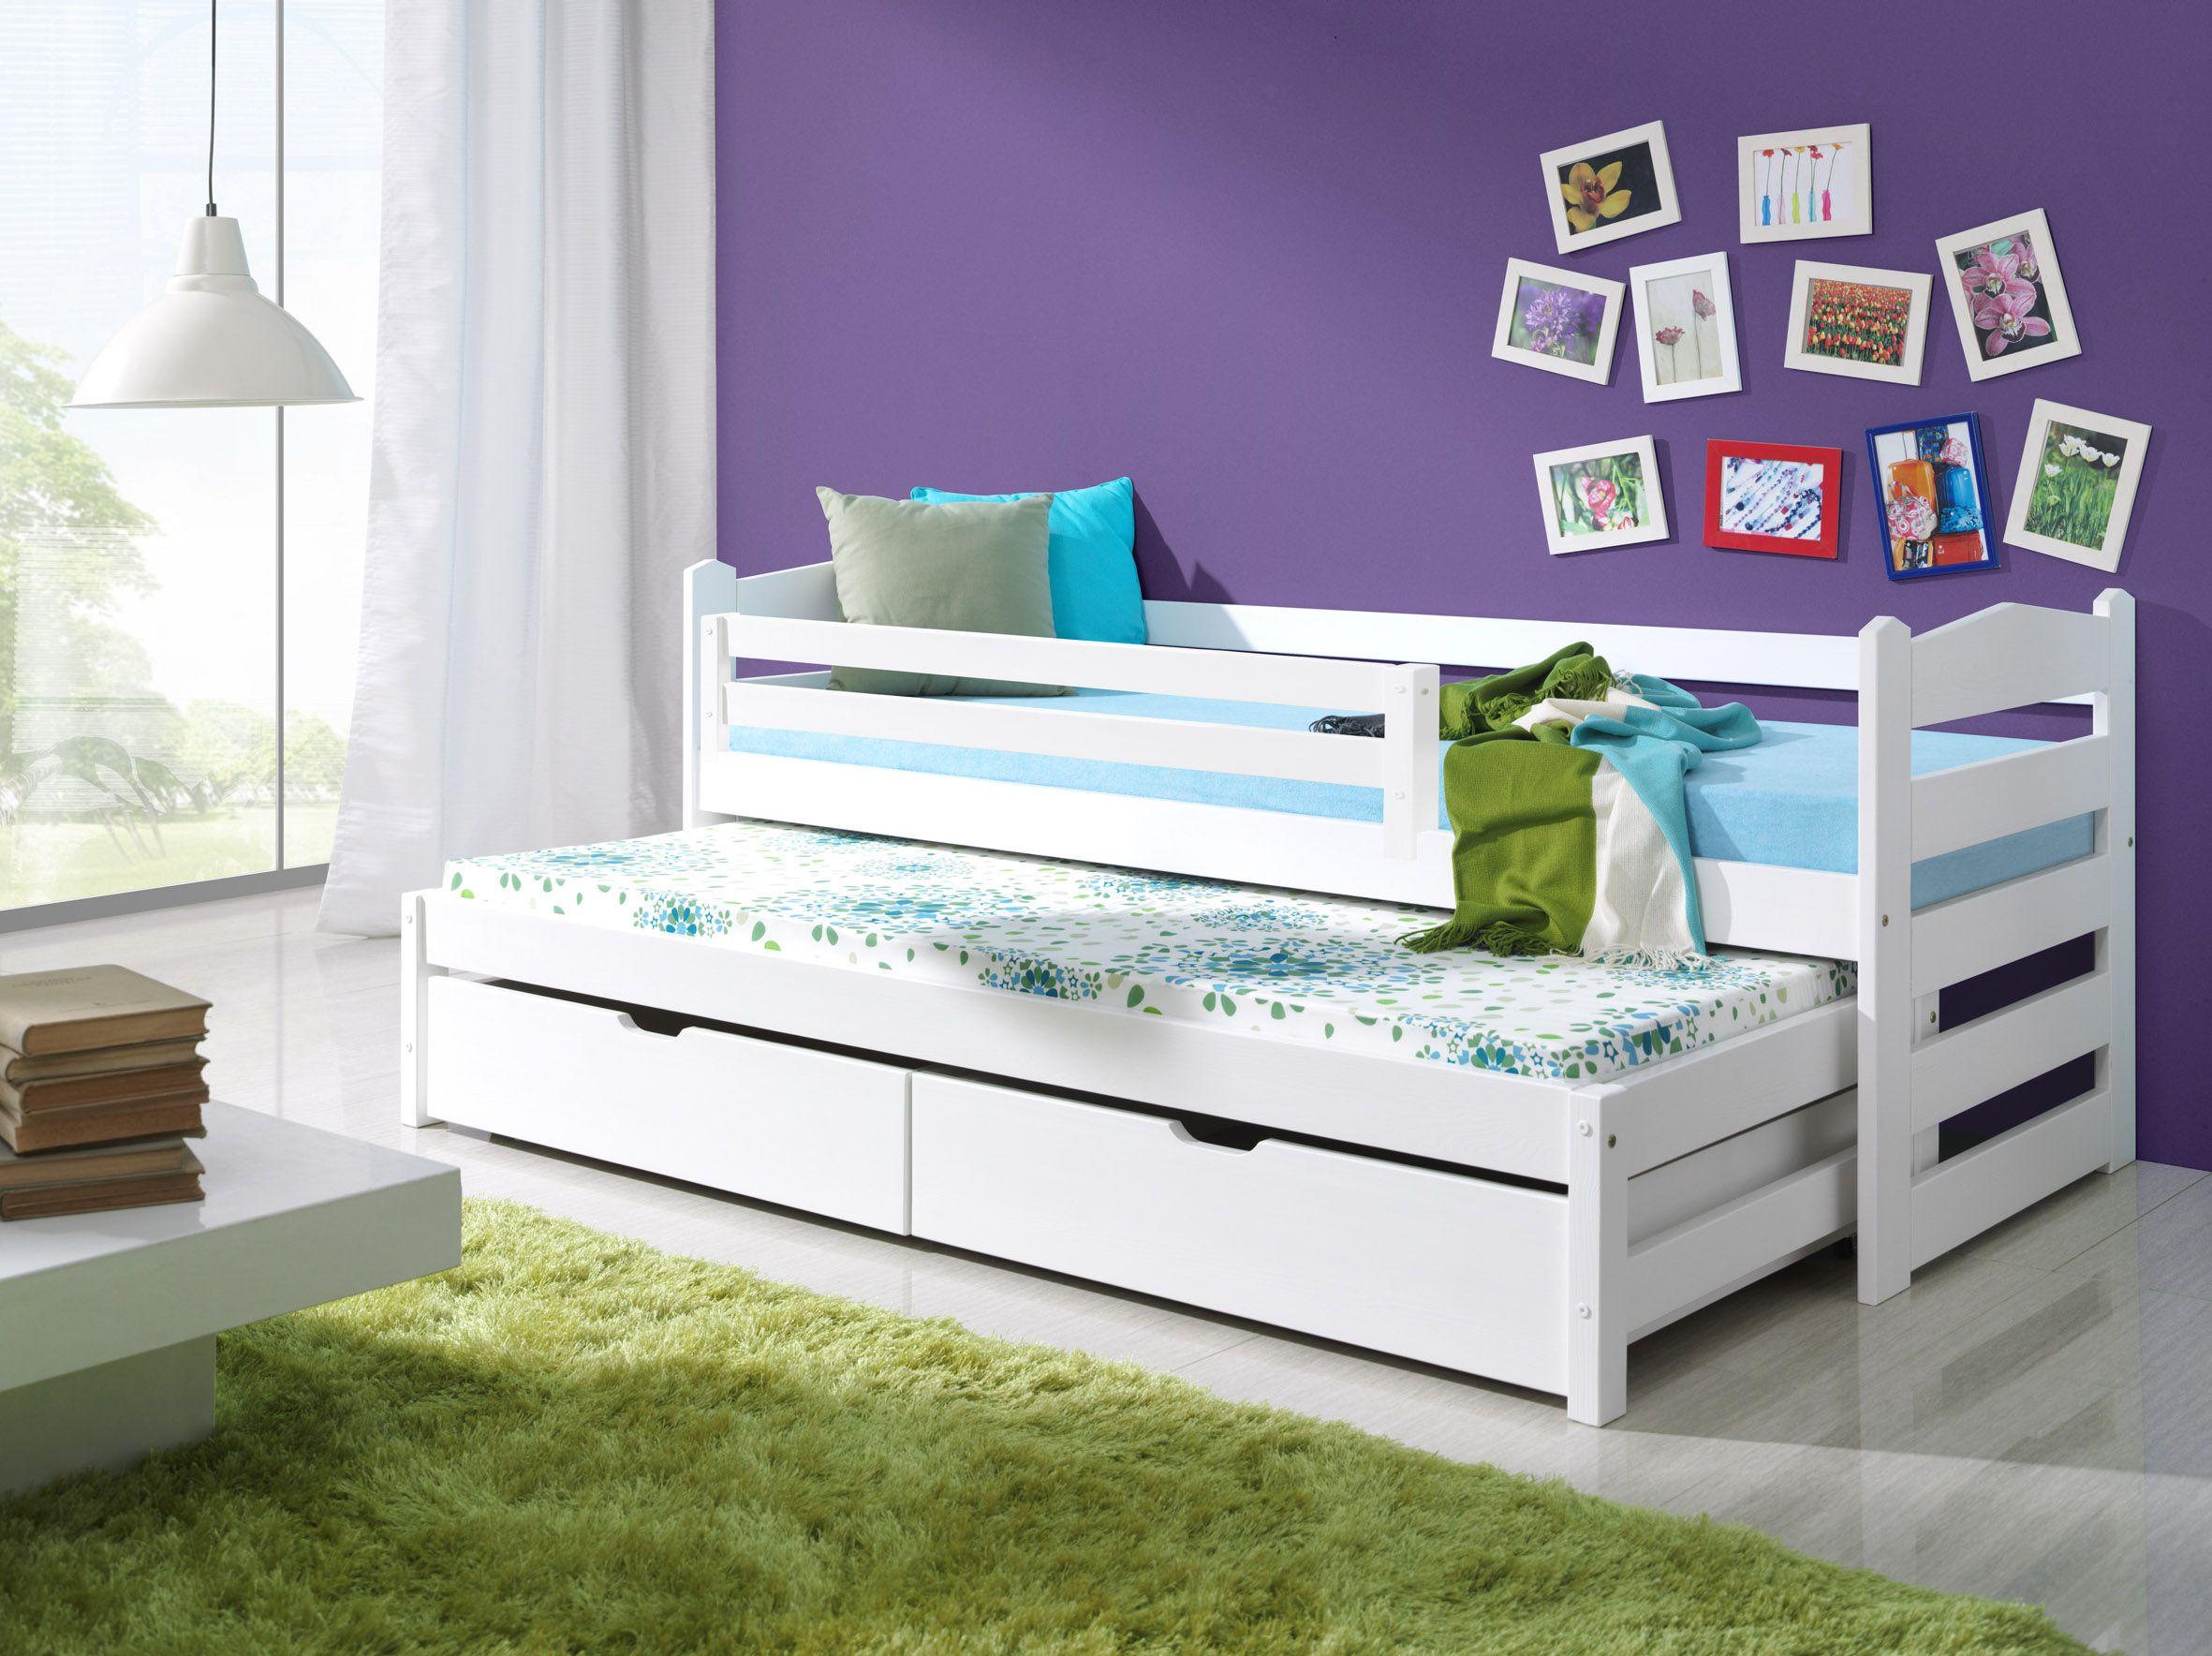 Детская раздвижная кровать с бортиками